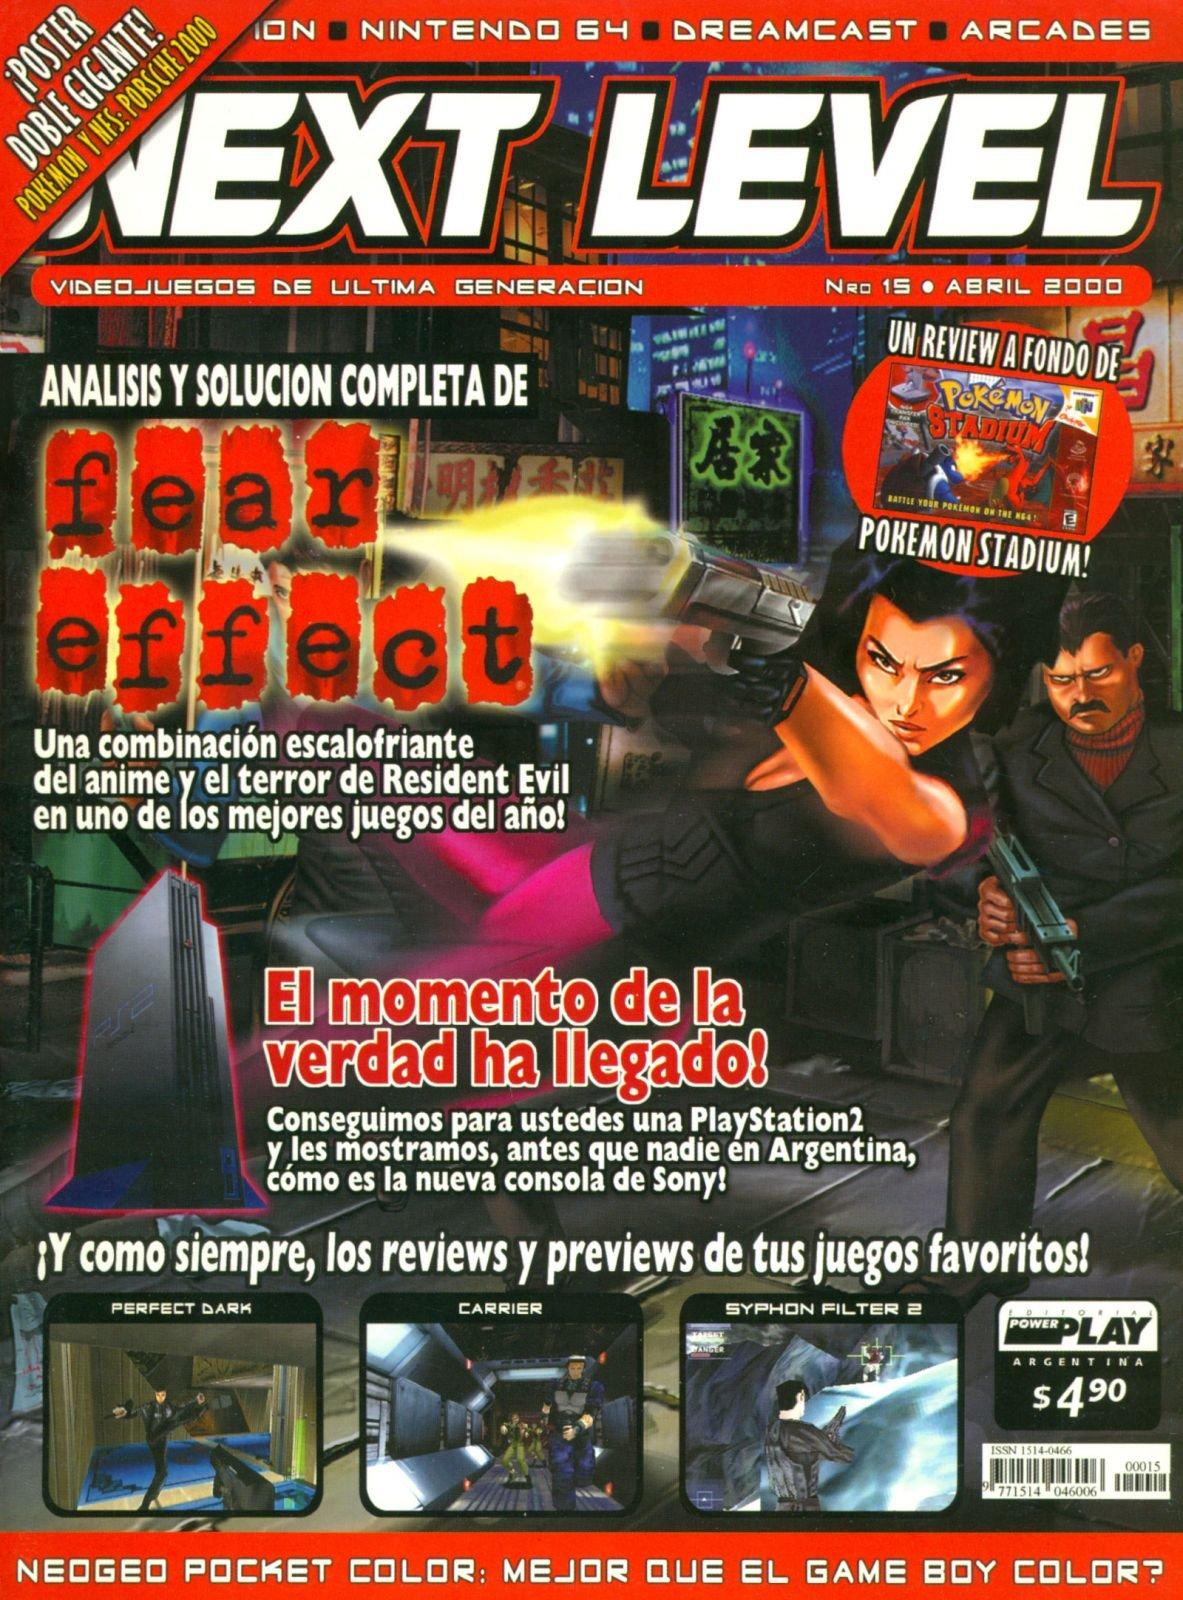 Next Level 15 April 2000